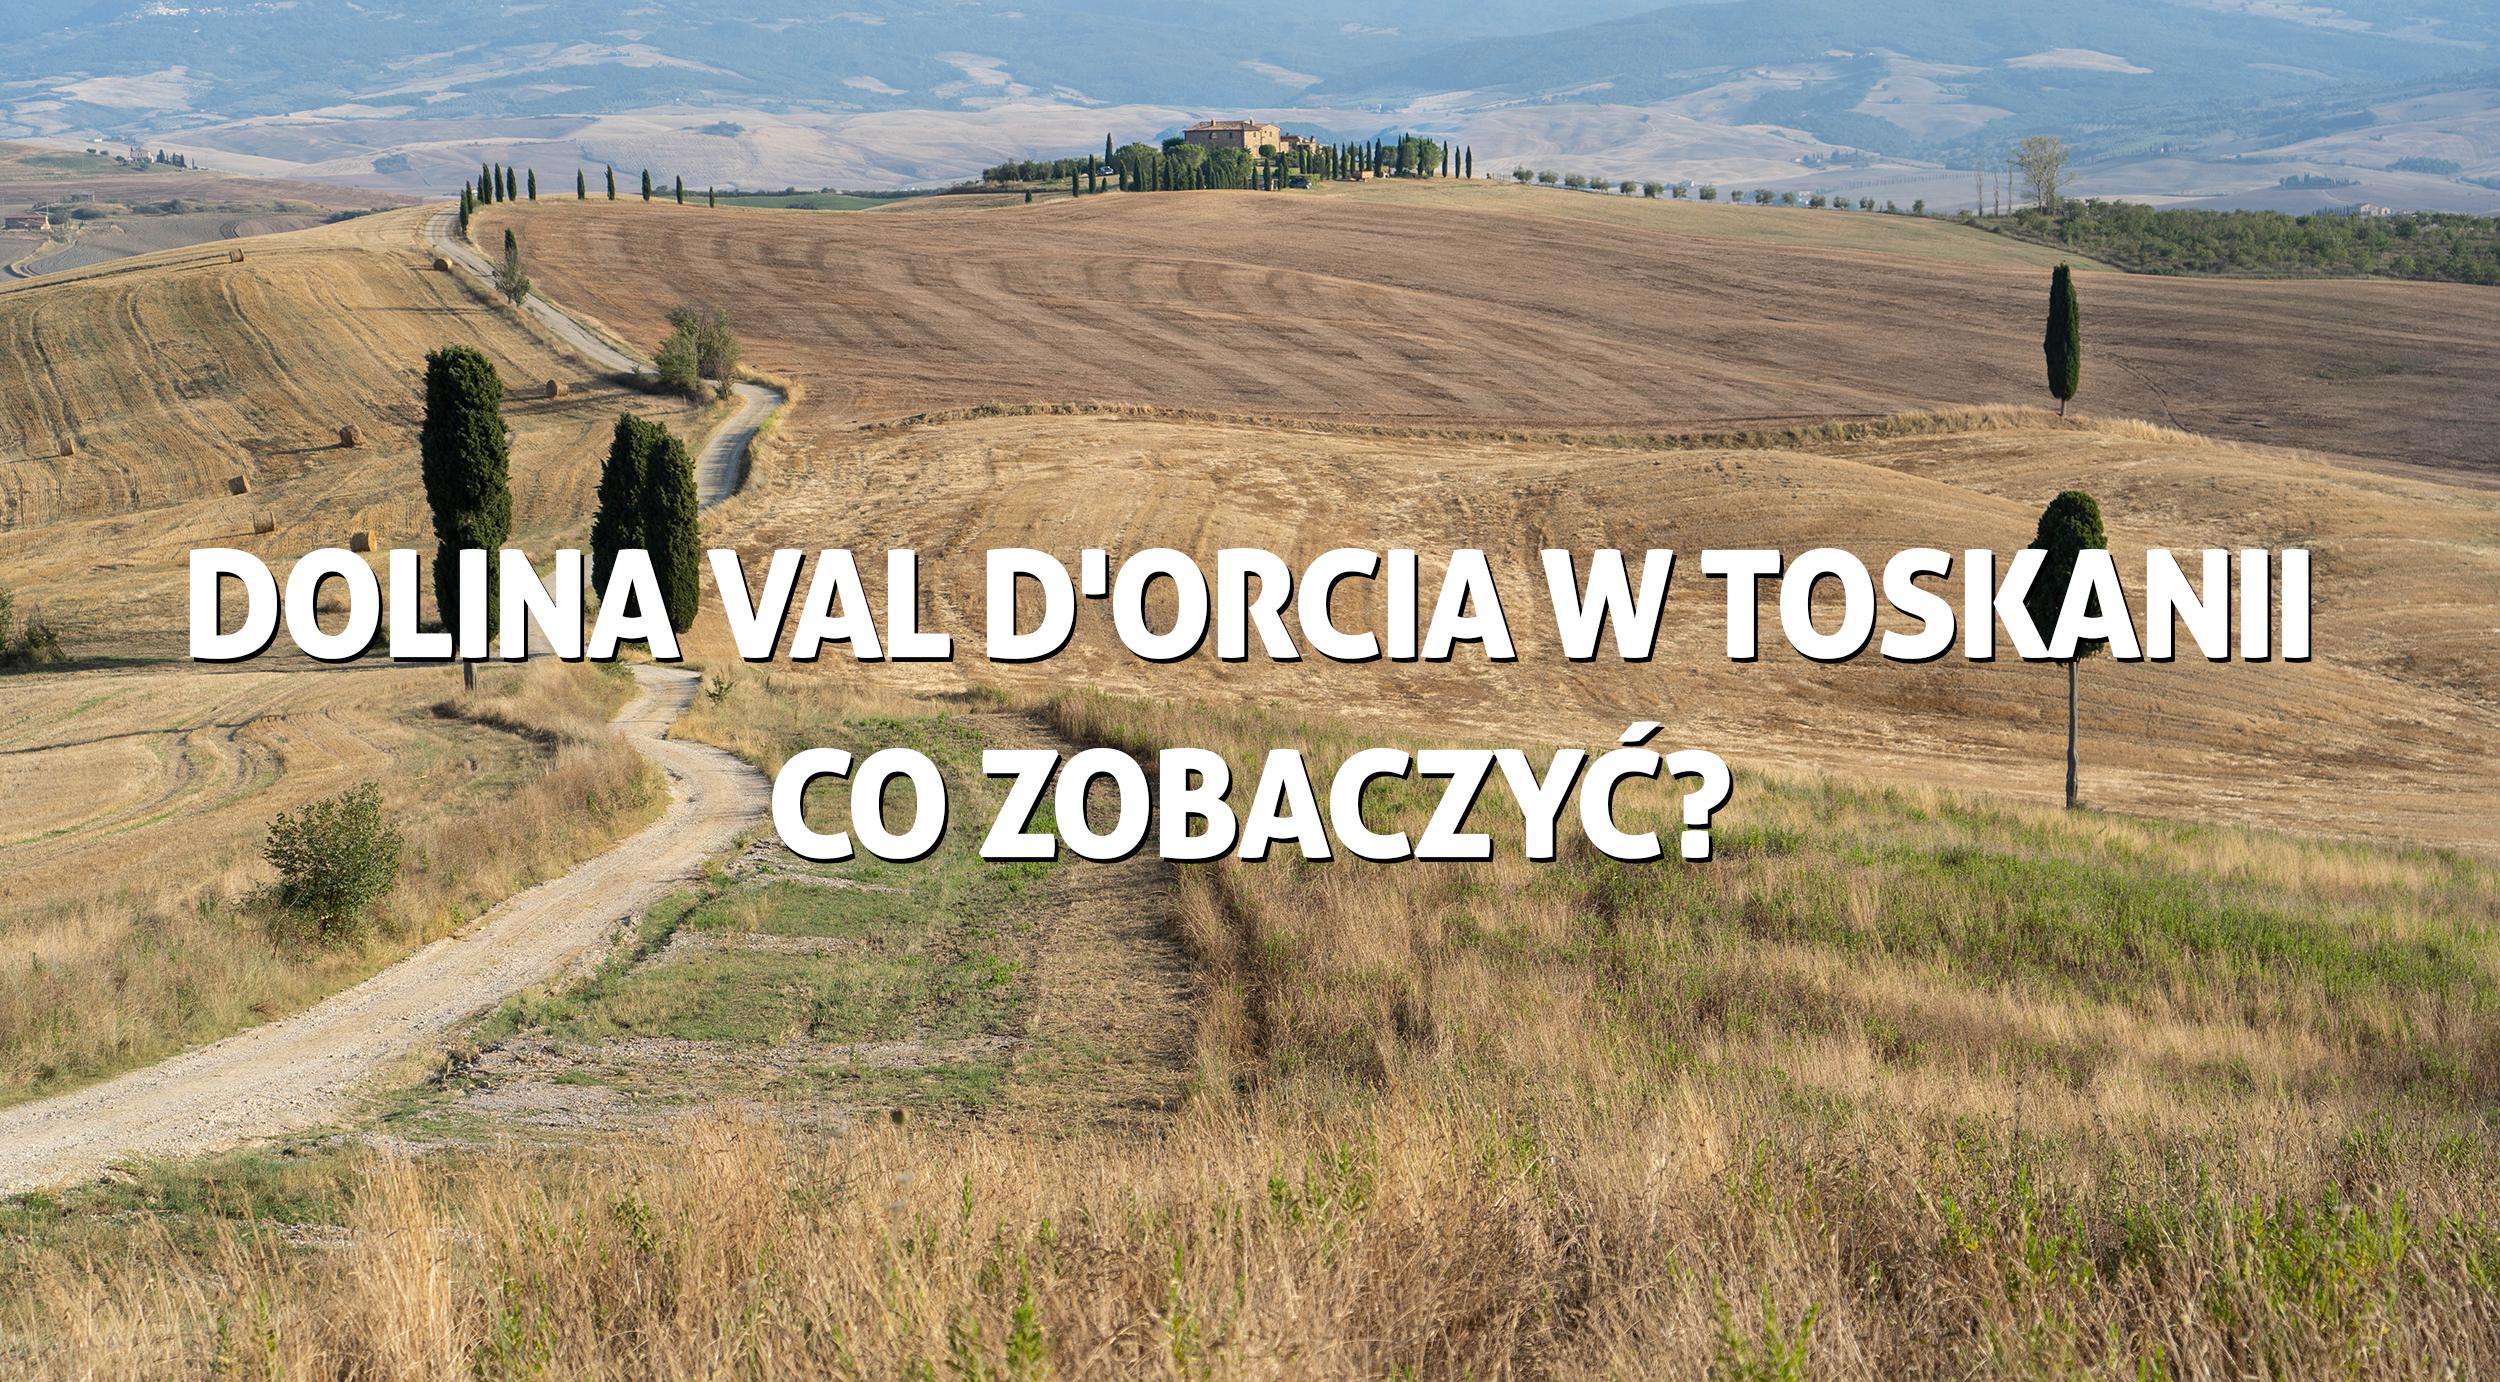 Dolina Val d'Orcia w Toskanii - co zobaczyć?